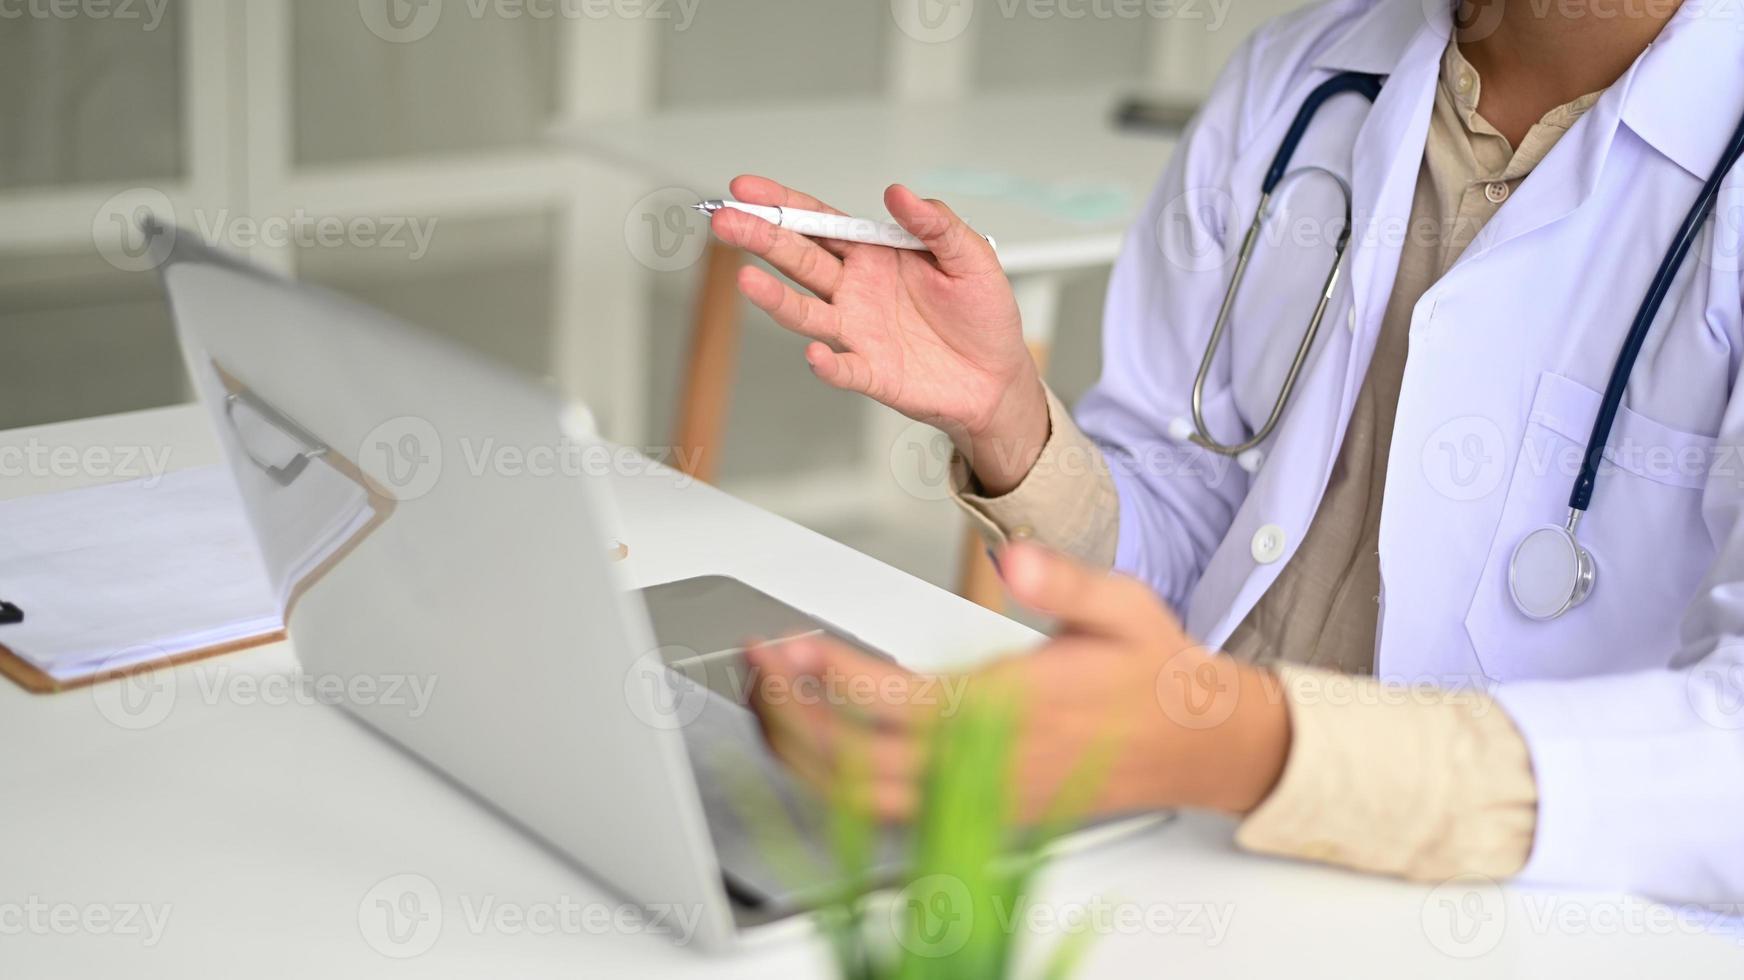 le personnel médical en blouse de laboratoire et stéthoscopes utilise des conférences sur ordinateur portable. photo